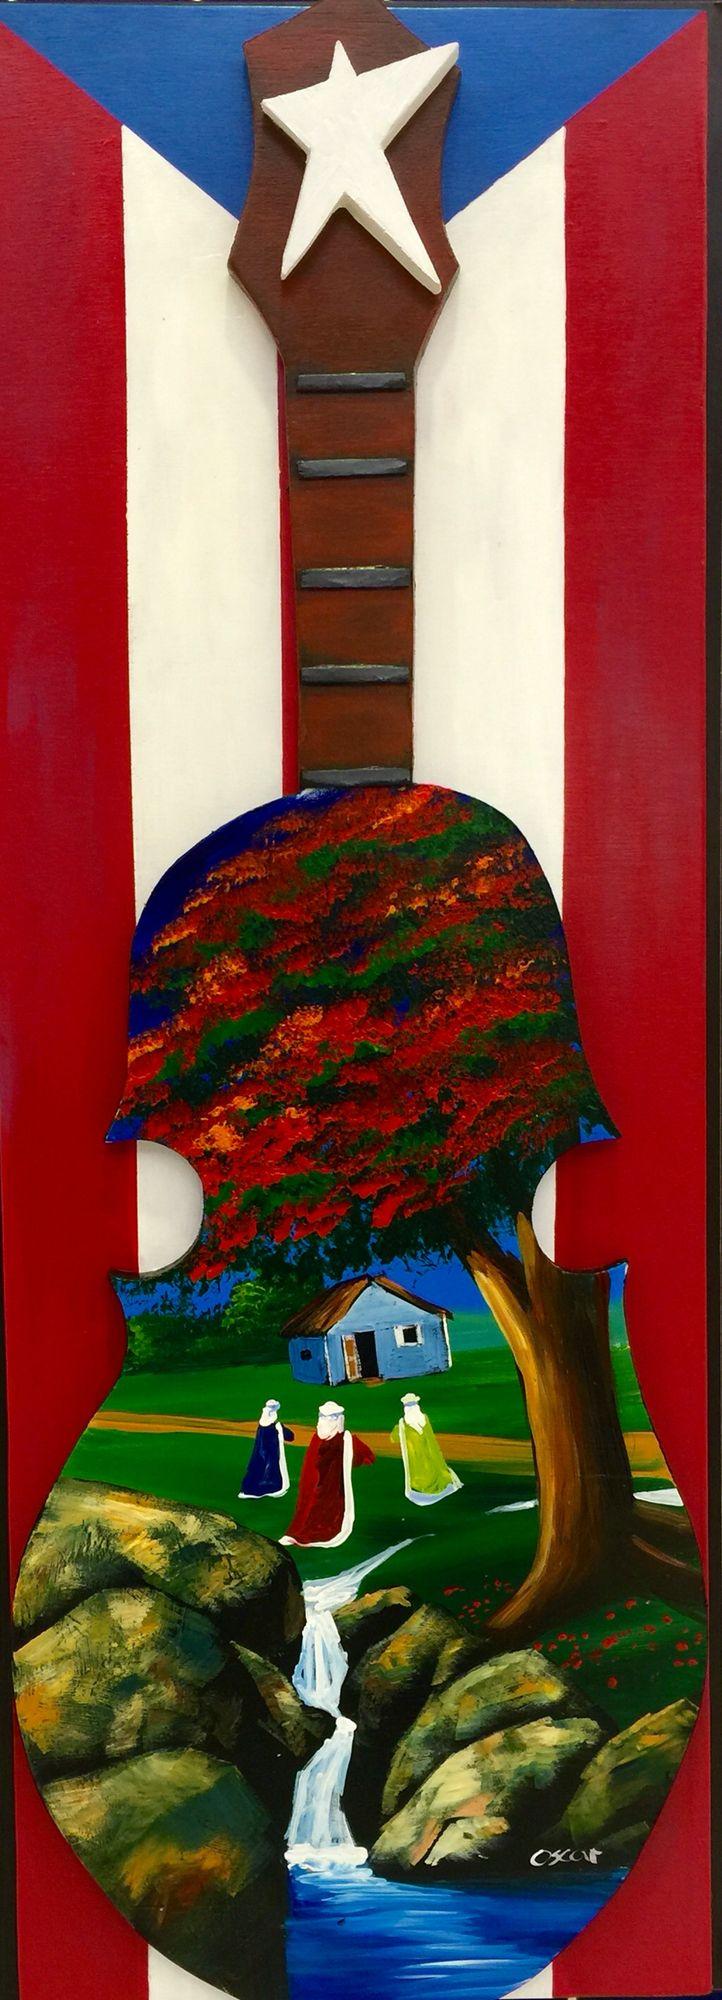 Artesania De Puerto Rico Reyes Magos Casita Y Flamboyan En El Rio Sobre Cuatro Puertorriqueno Al Oleo Puerto Rico Art Puerto Rican Artwork Puerto Rico Island